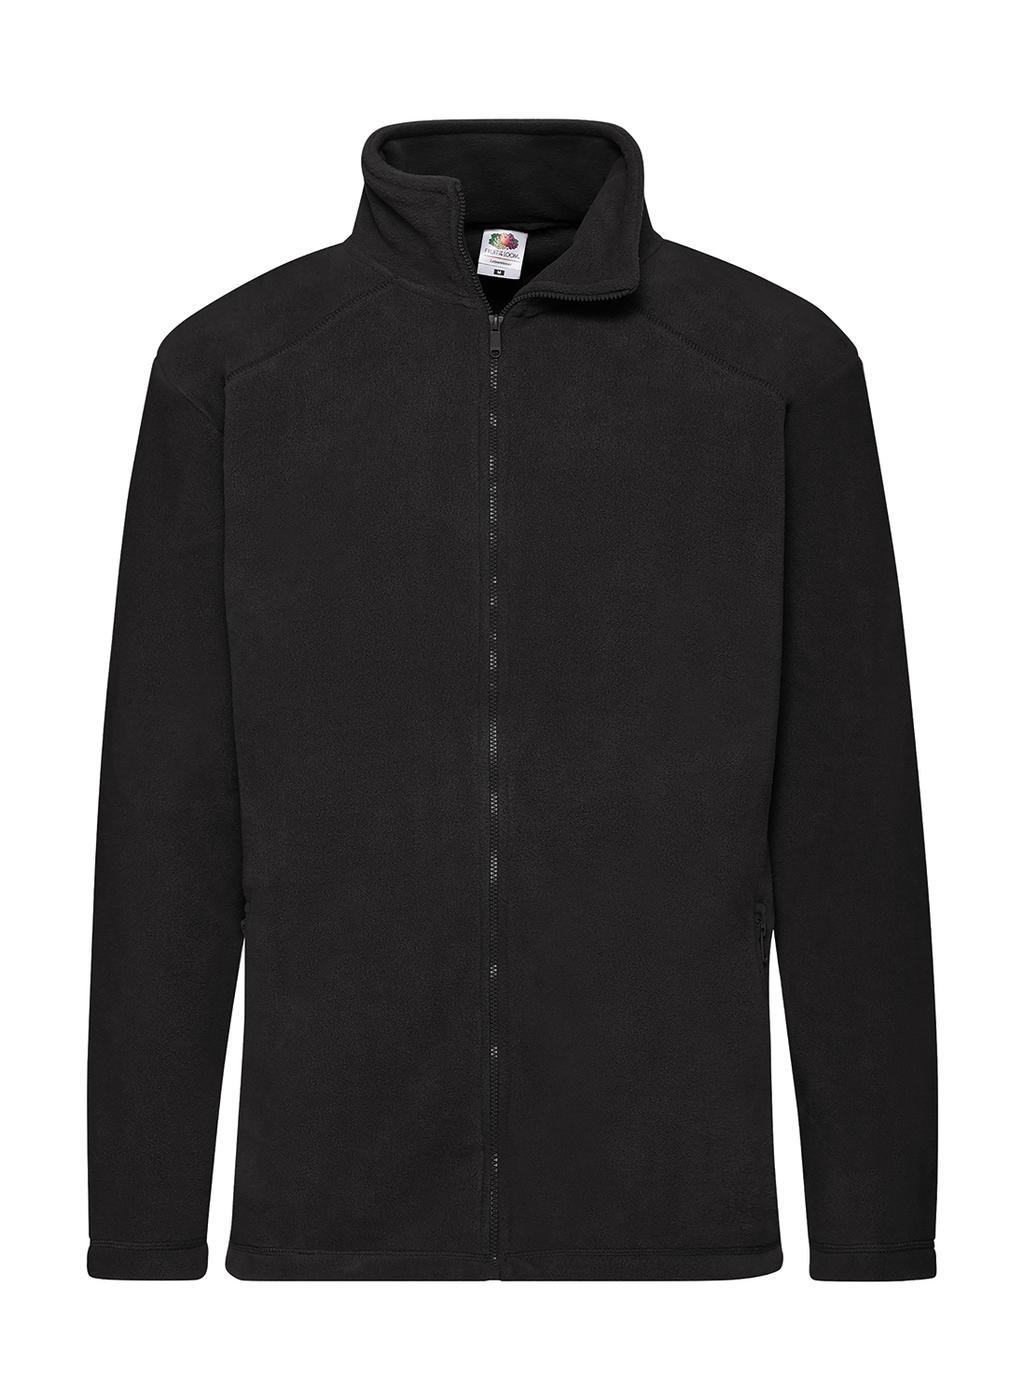 Fleecová bunda Outdoor Full Zip - zvìtšit obrázek